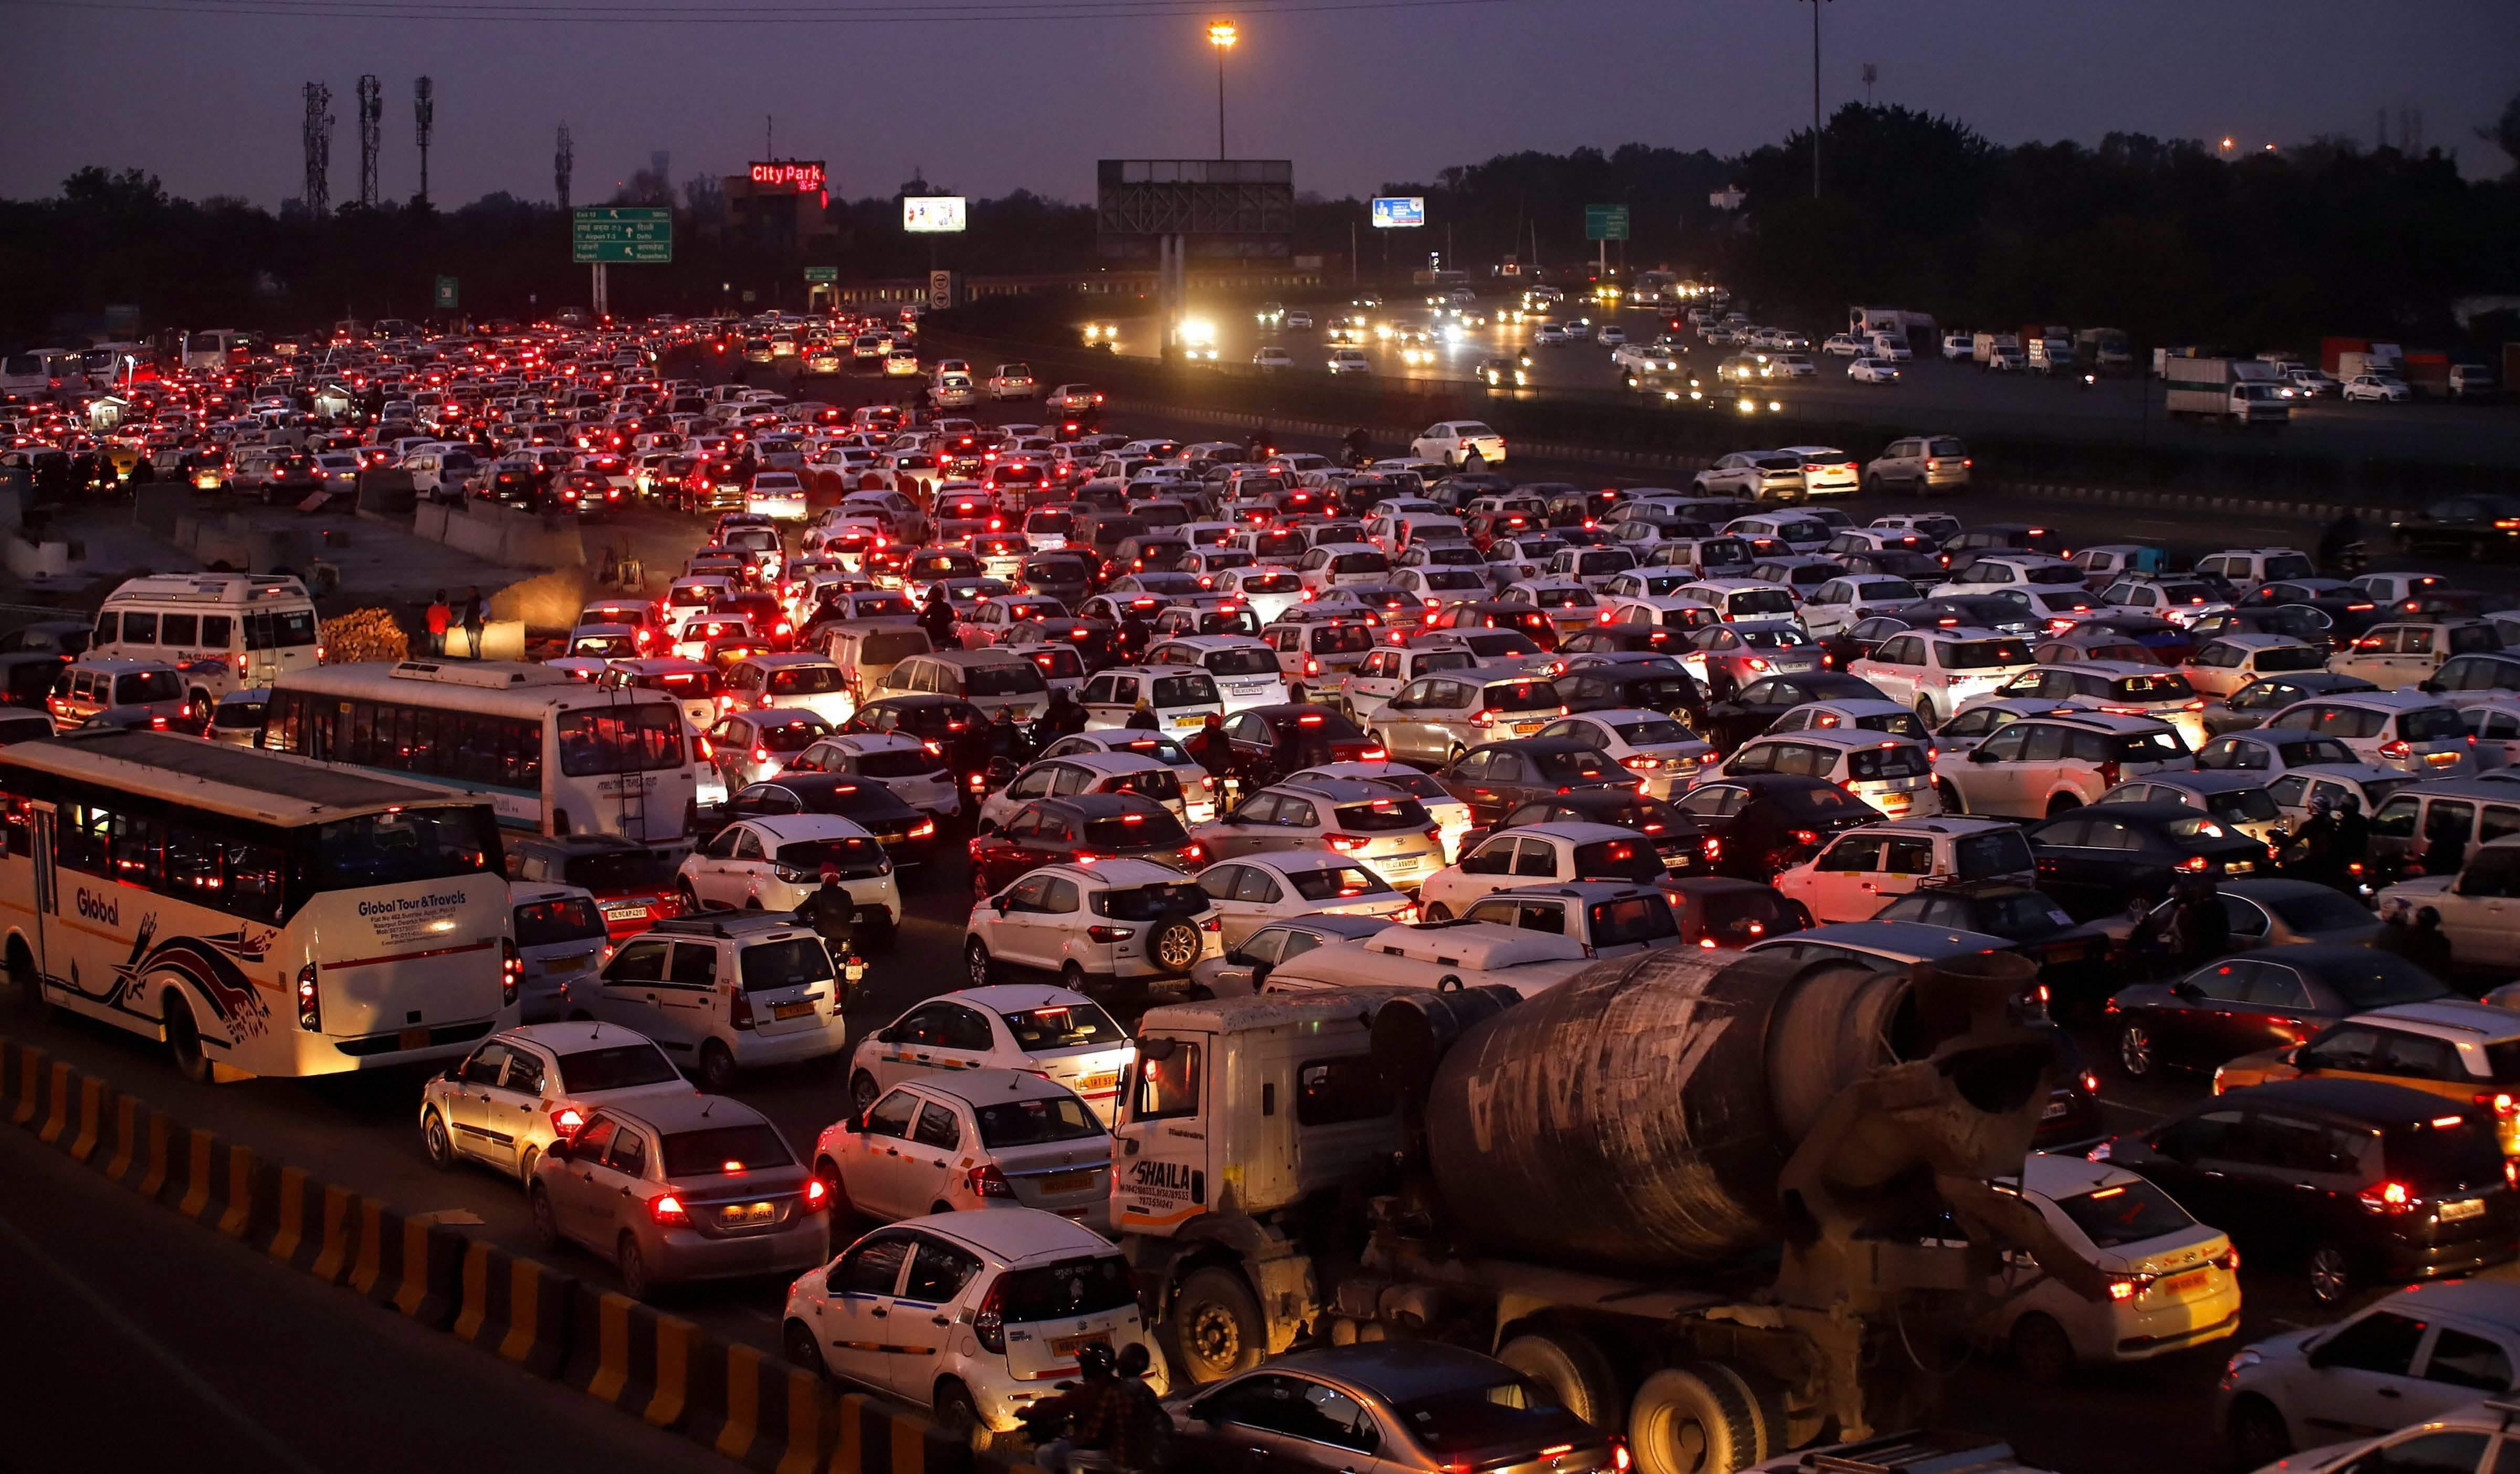 चौथ्या स्थानावर आहे राजधानी दिल्ली. दिल्लीचं ट्रॅफिक नेहमी बातमीचा विषय असतो. इथे एका ठिकाणाहून दुसऱ्या ठिकाणी जाण्यासाठी गरजेपेक्षा 58 टक्के वेळ जास्त लागतो.